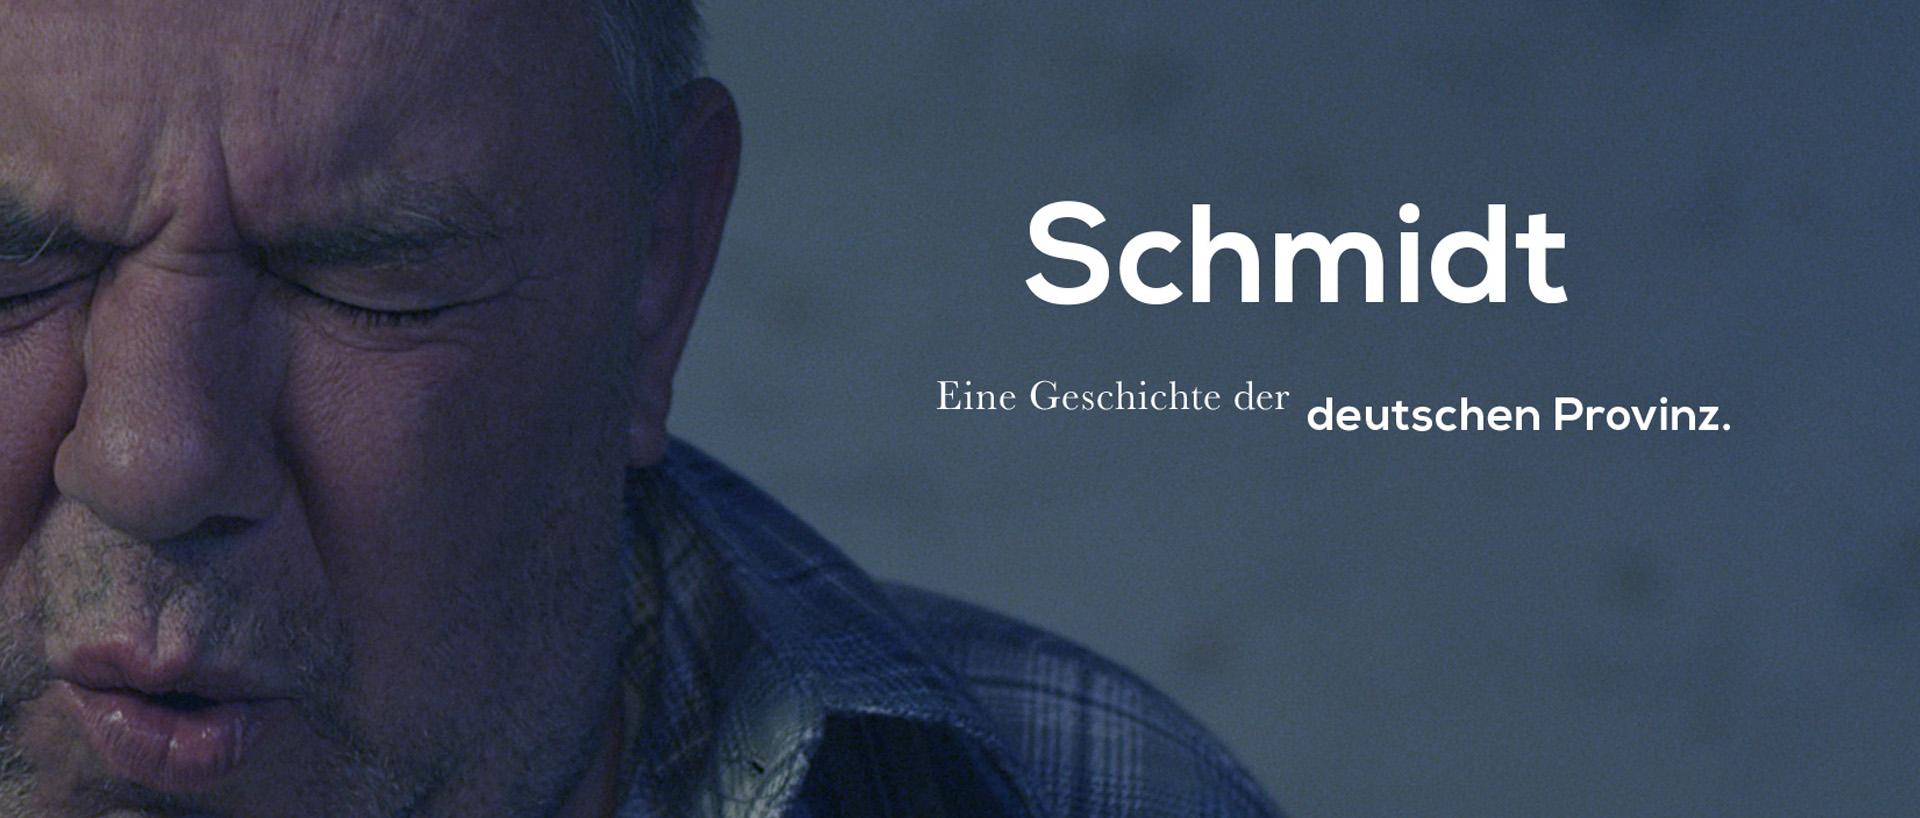 schmidt_header